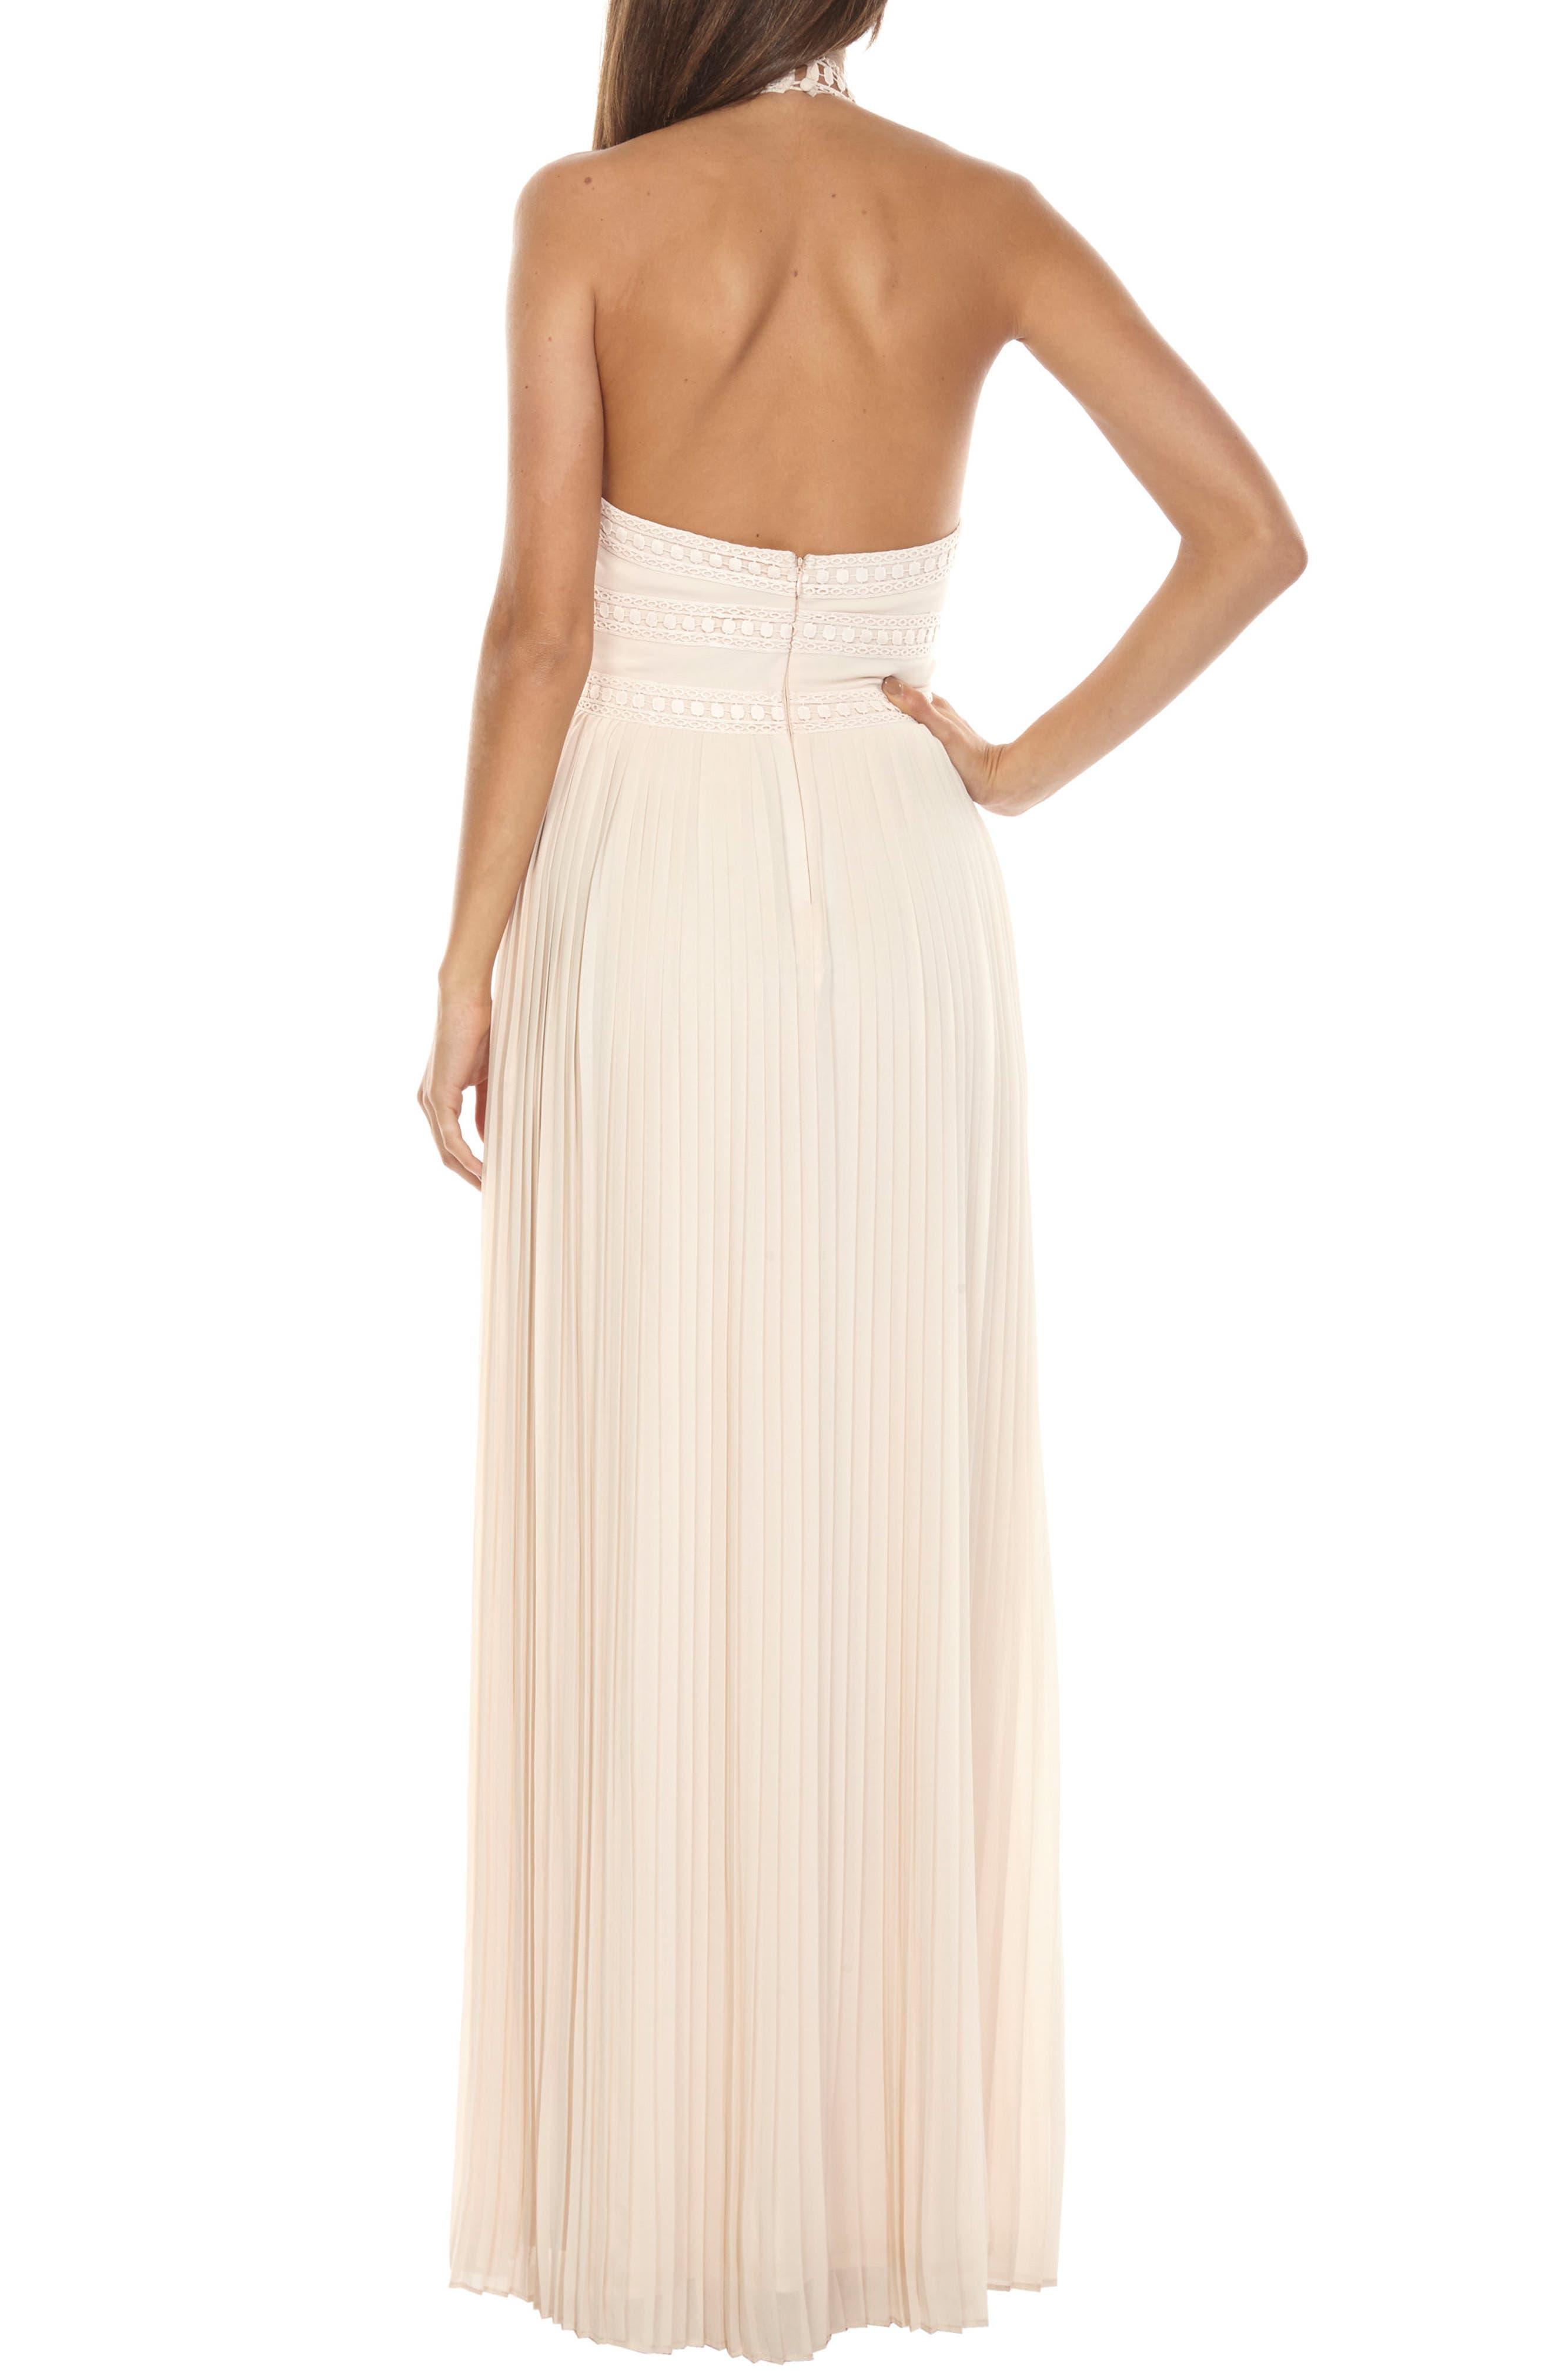 Corinne Lace Trim Halter Maxi Dress,                             Alternate thumbnail 2, color,                             280